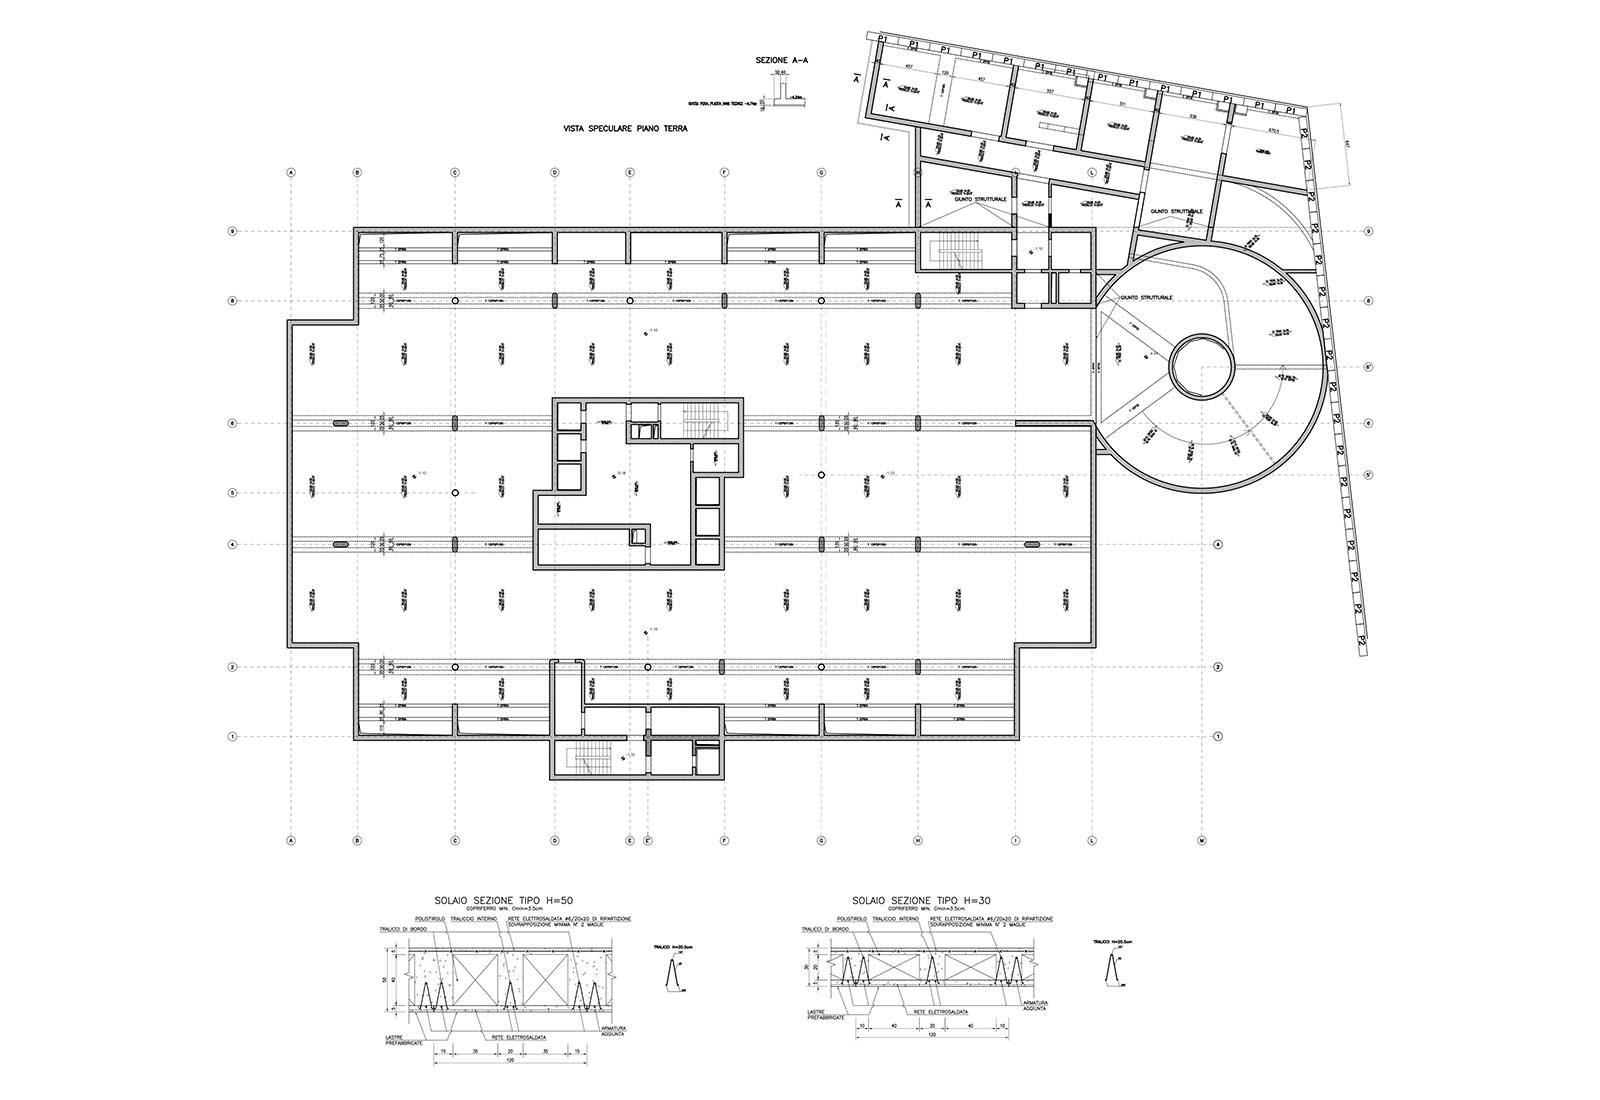 Edificio a torre dell'Università Bocconi a Milano - Vista speculare piano terra